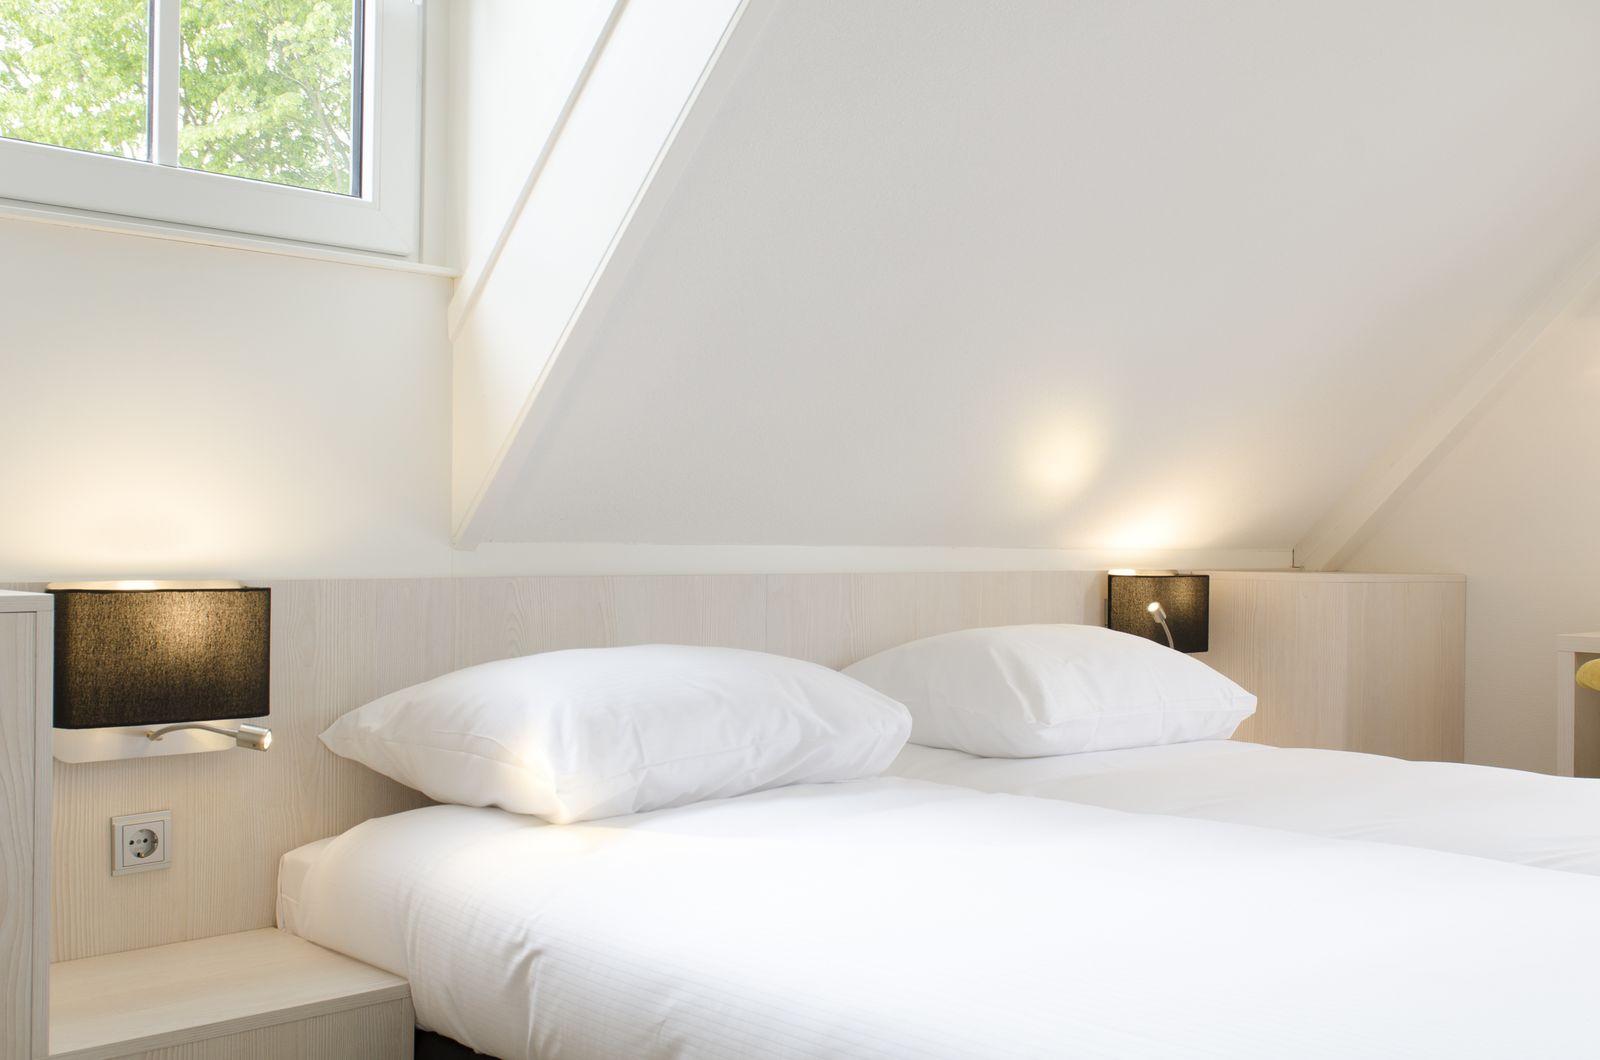 Afbeelding van Appartement Comfort 4